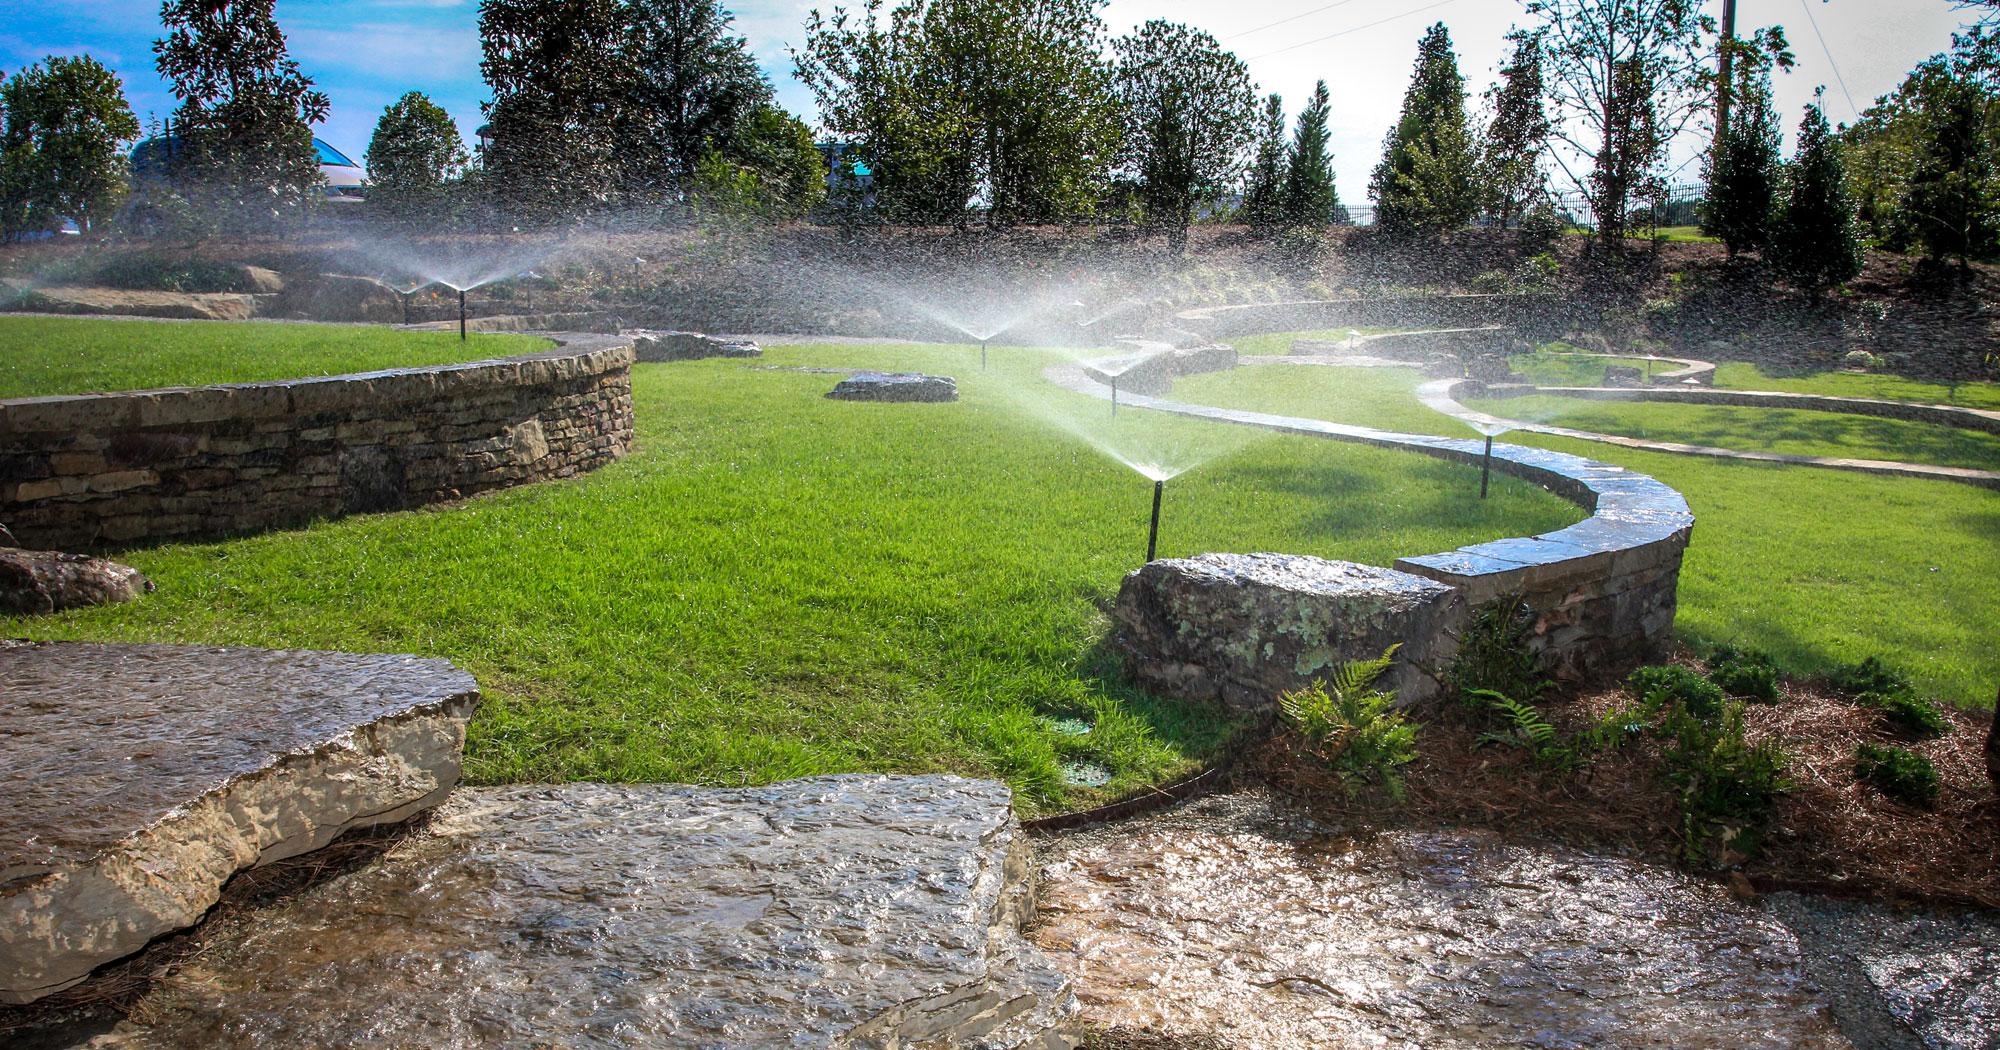 popular-landscaping-landscape-irrigation-backflow-devices-landscape-irrigation-in-williamsport-pa-landscape-irrigation-installers-plano-tx-landscape-irrigation-houston-landscape-irriga.jpg